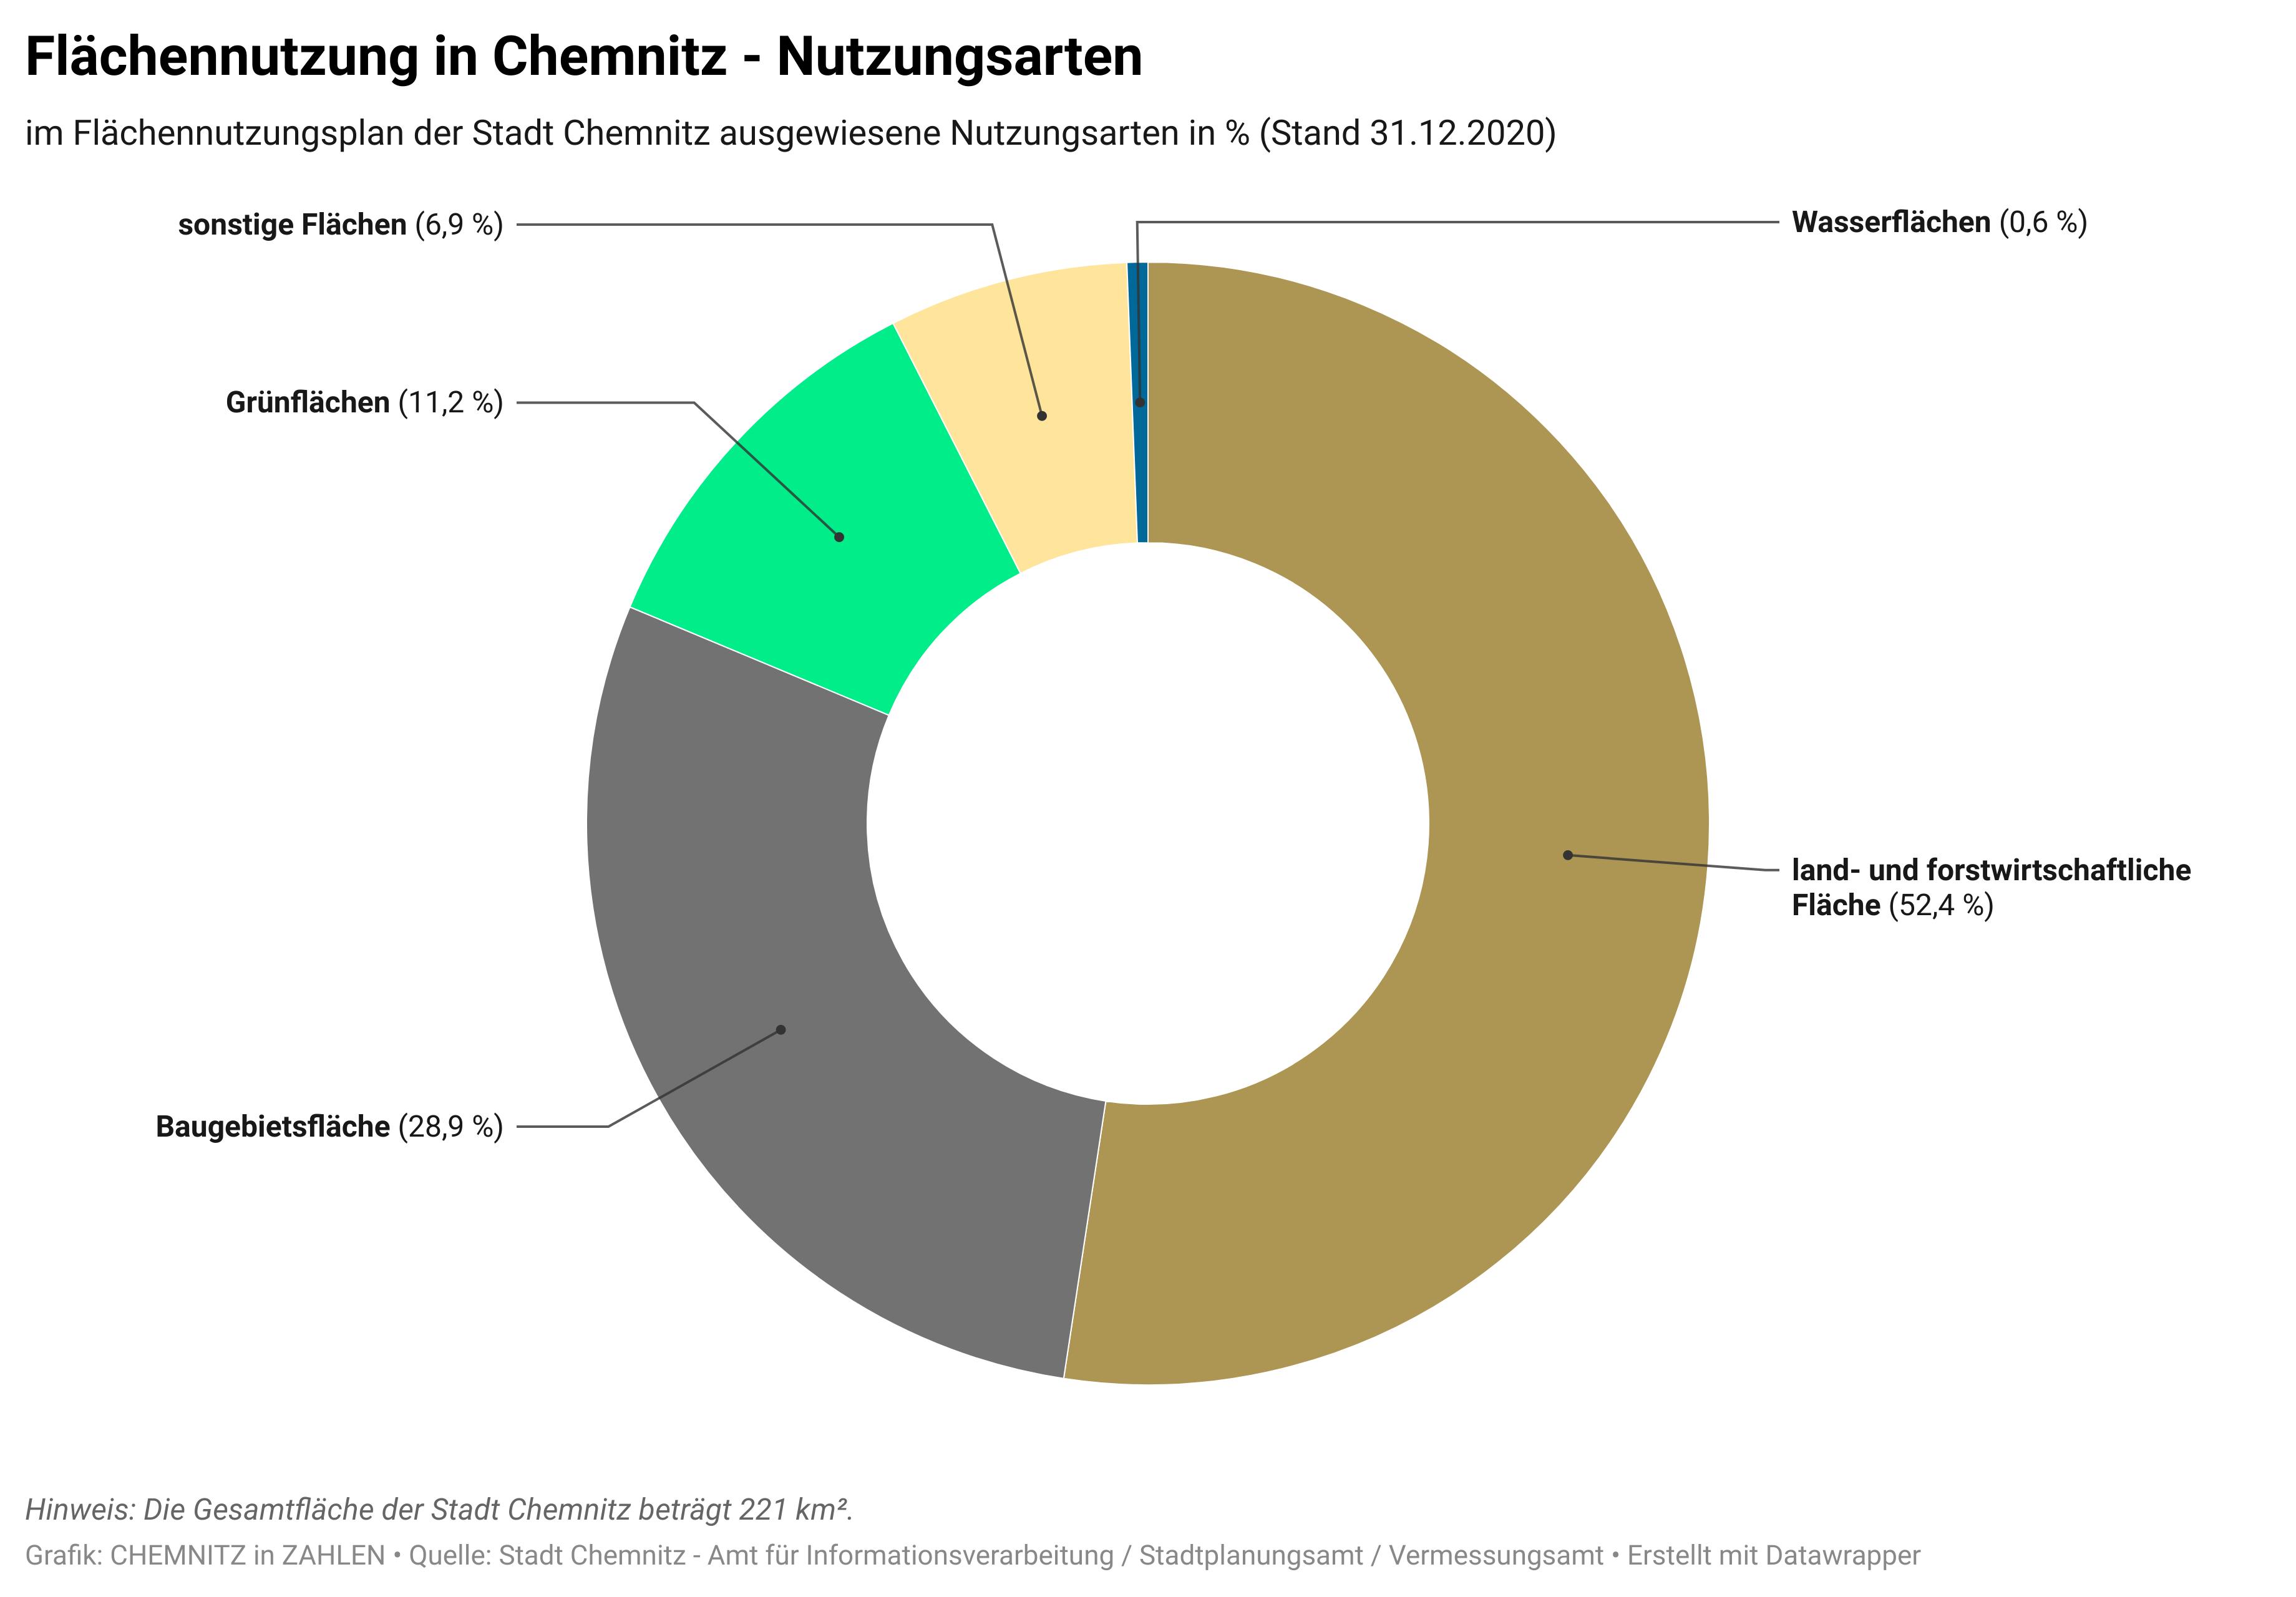 Entwicklung der Bevölkerung, der Fläche und der Zahl der Stadtteile in Chemnitz 1992-2019